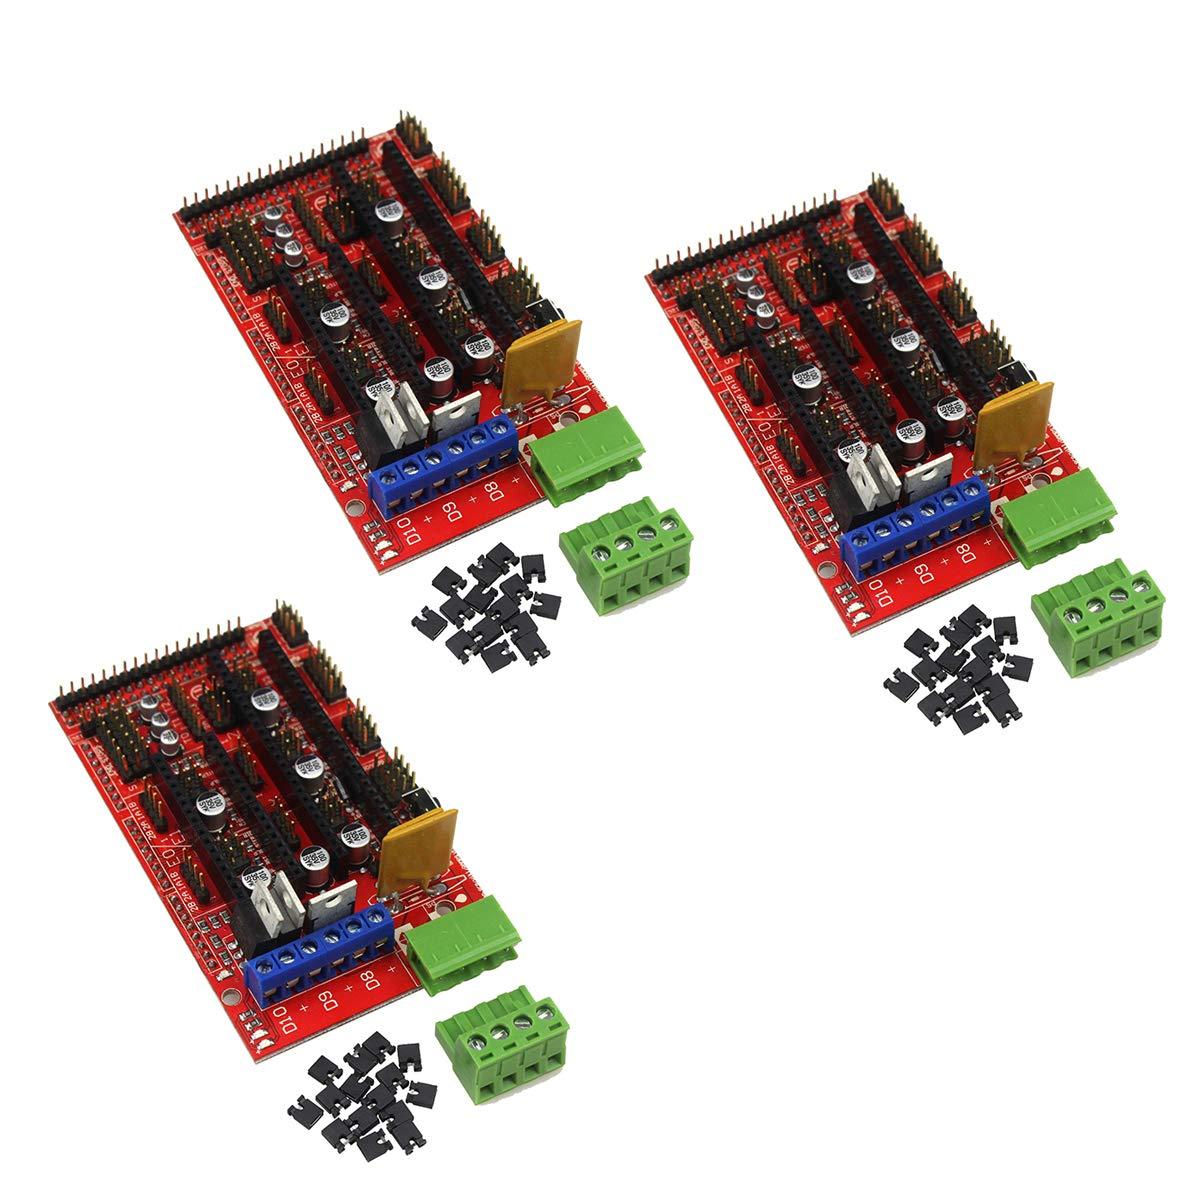 Yoochin 3pack/lot RAMPS 1.4 3D Printer Controller Panel Printer Control Mendel